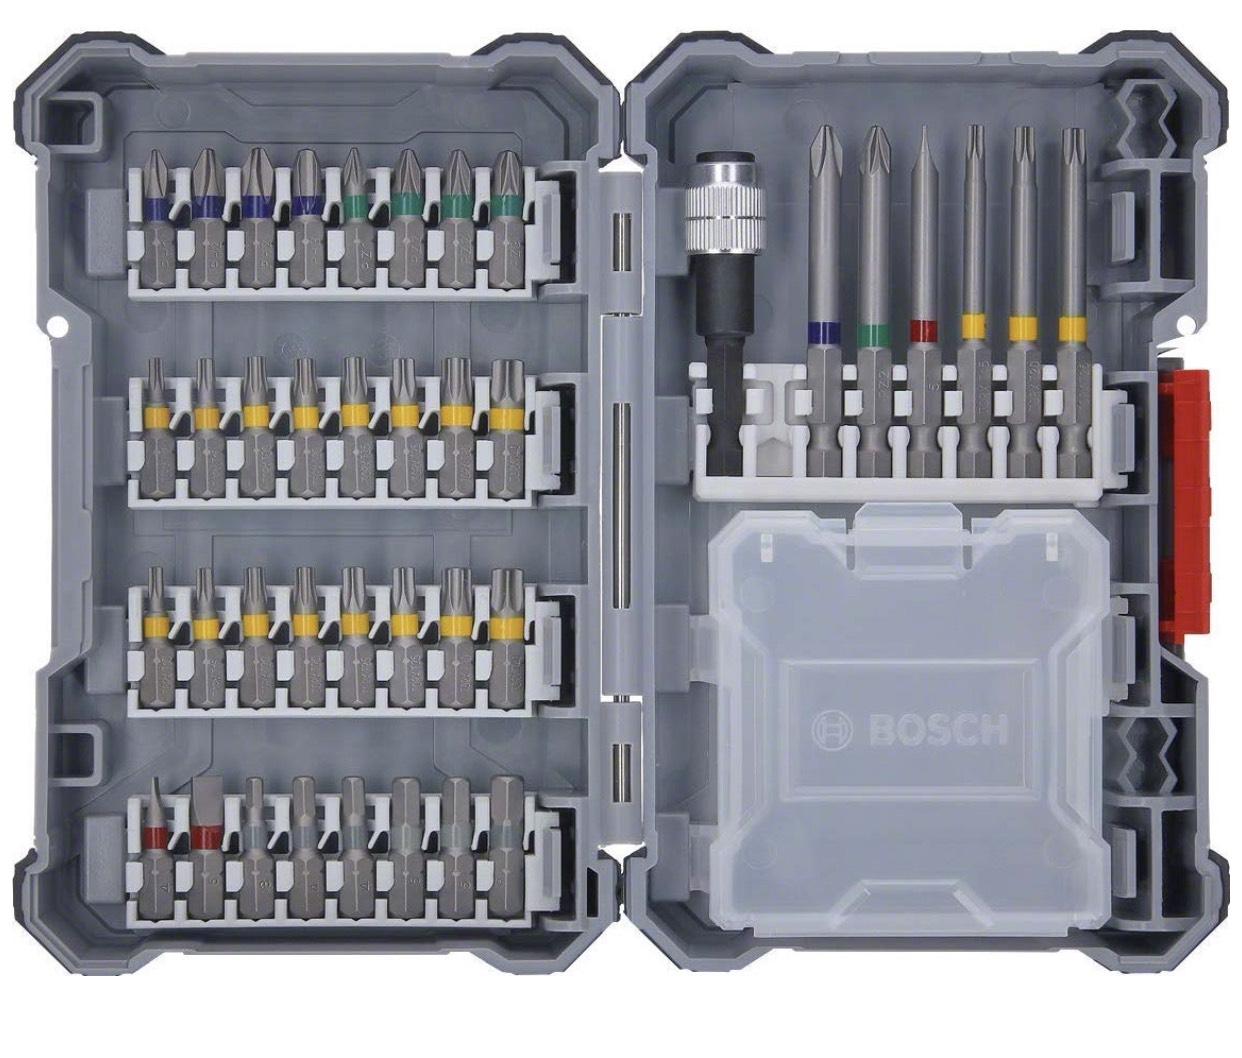 Bosch Professional Akkuschrauber Zubehör Pick & Click Set 40tl (Prime Exklusiv)